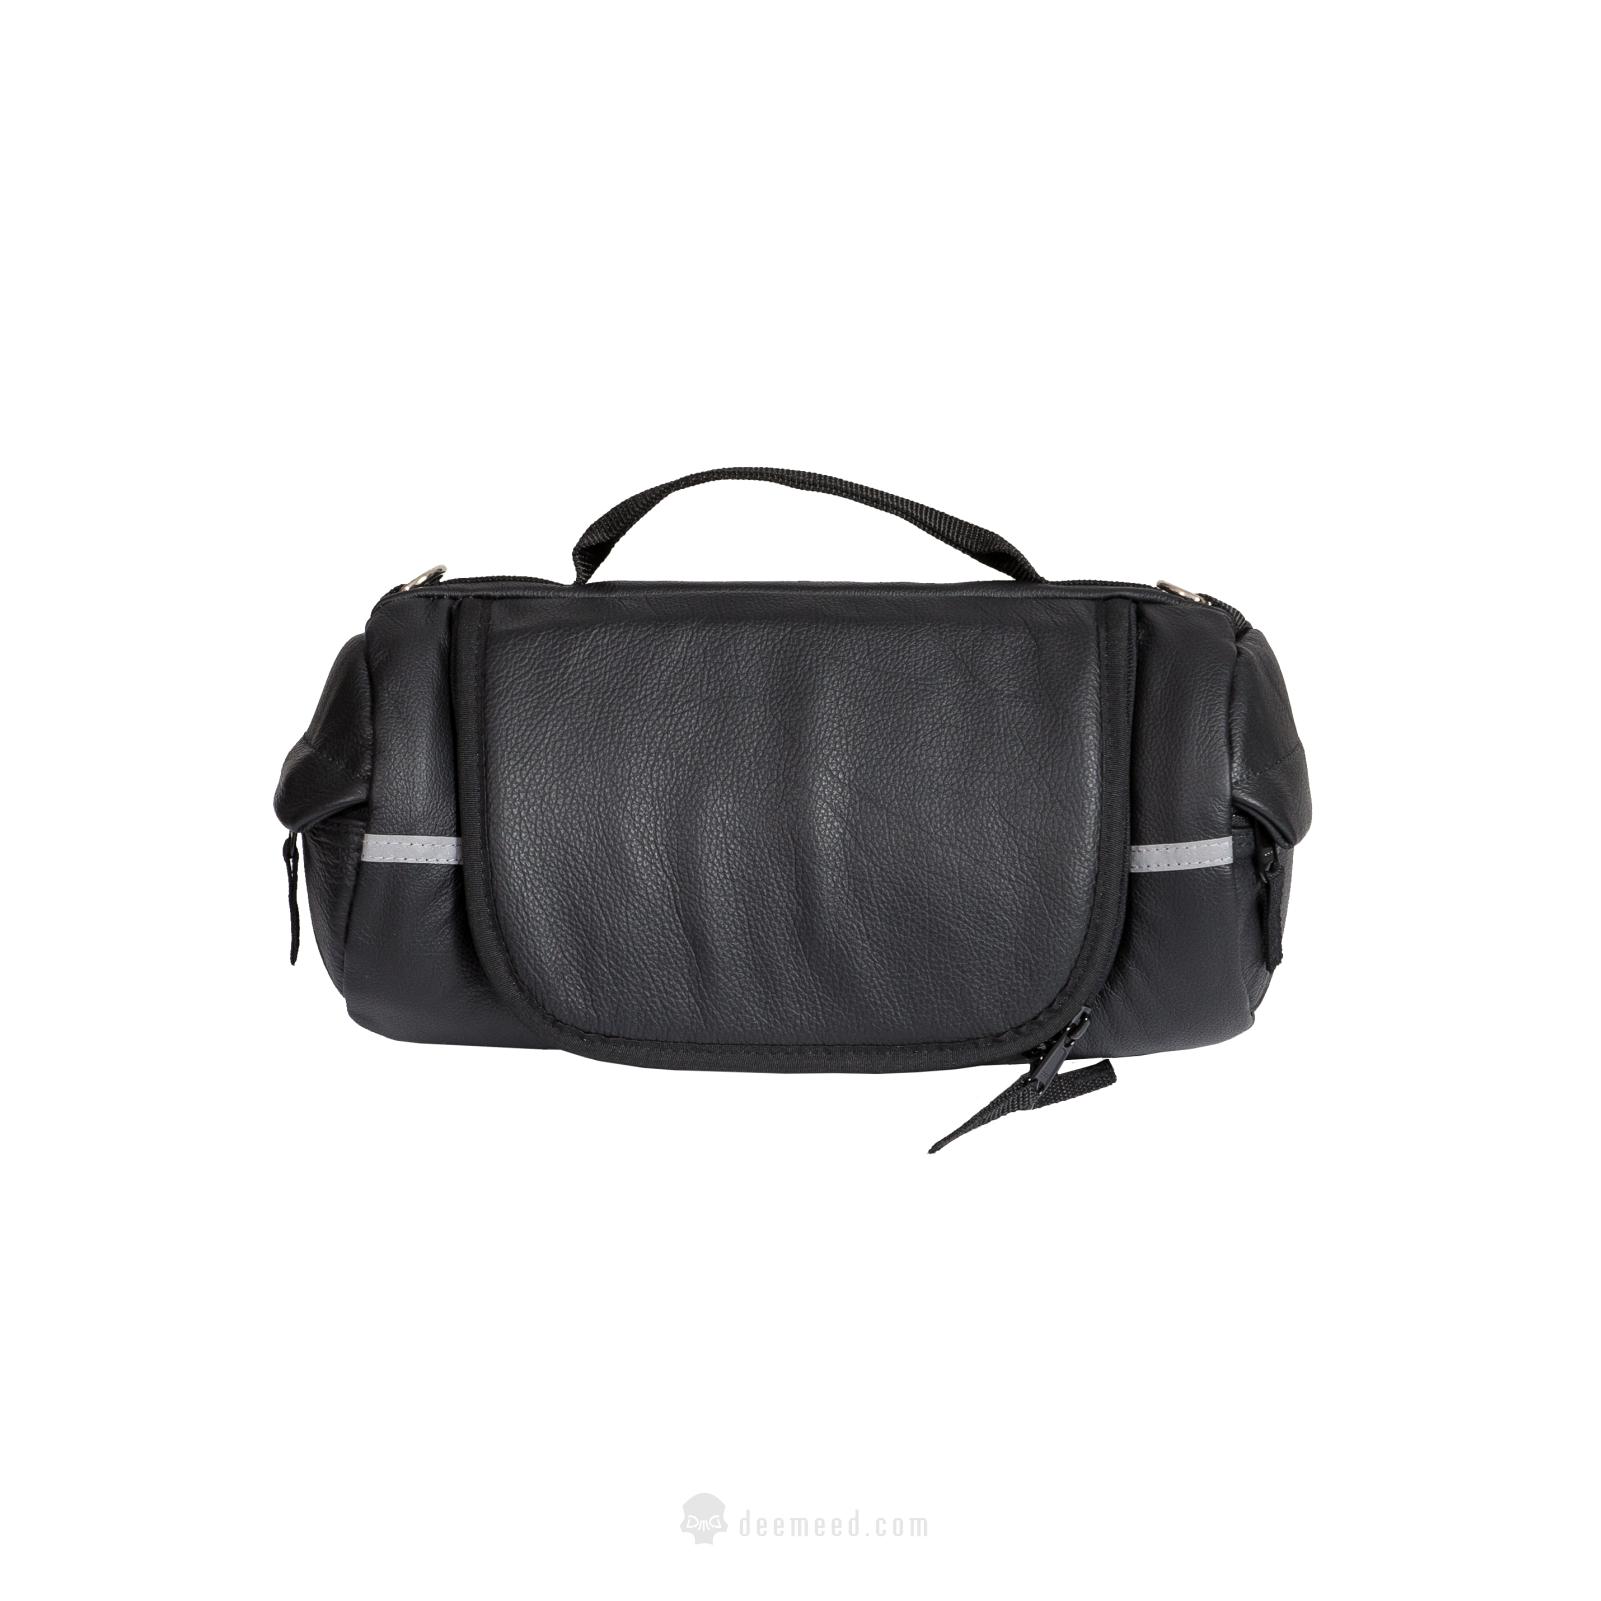 c3f0544d4b DEEMEED hecktasche 8l - Explorer X-Small Leather